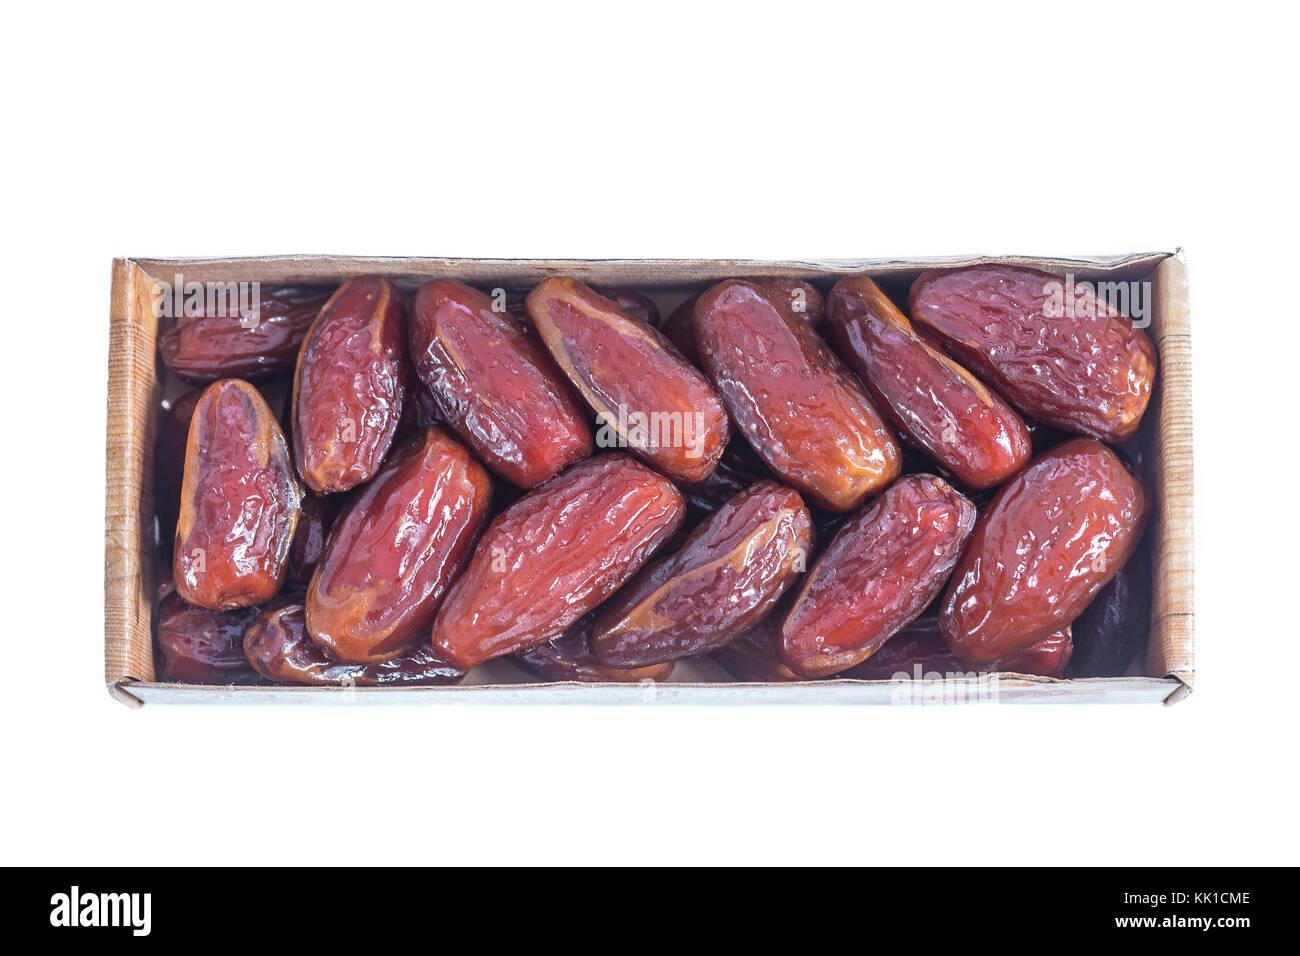 Tunesische dactylifera Getrocknete exotische Früchte verpackt auf weißem Hintergrund Datum palm getrocknete Stockbild